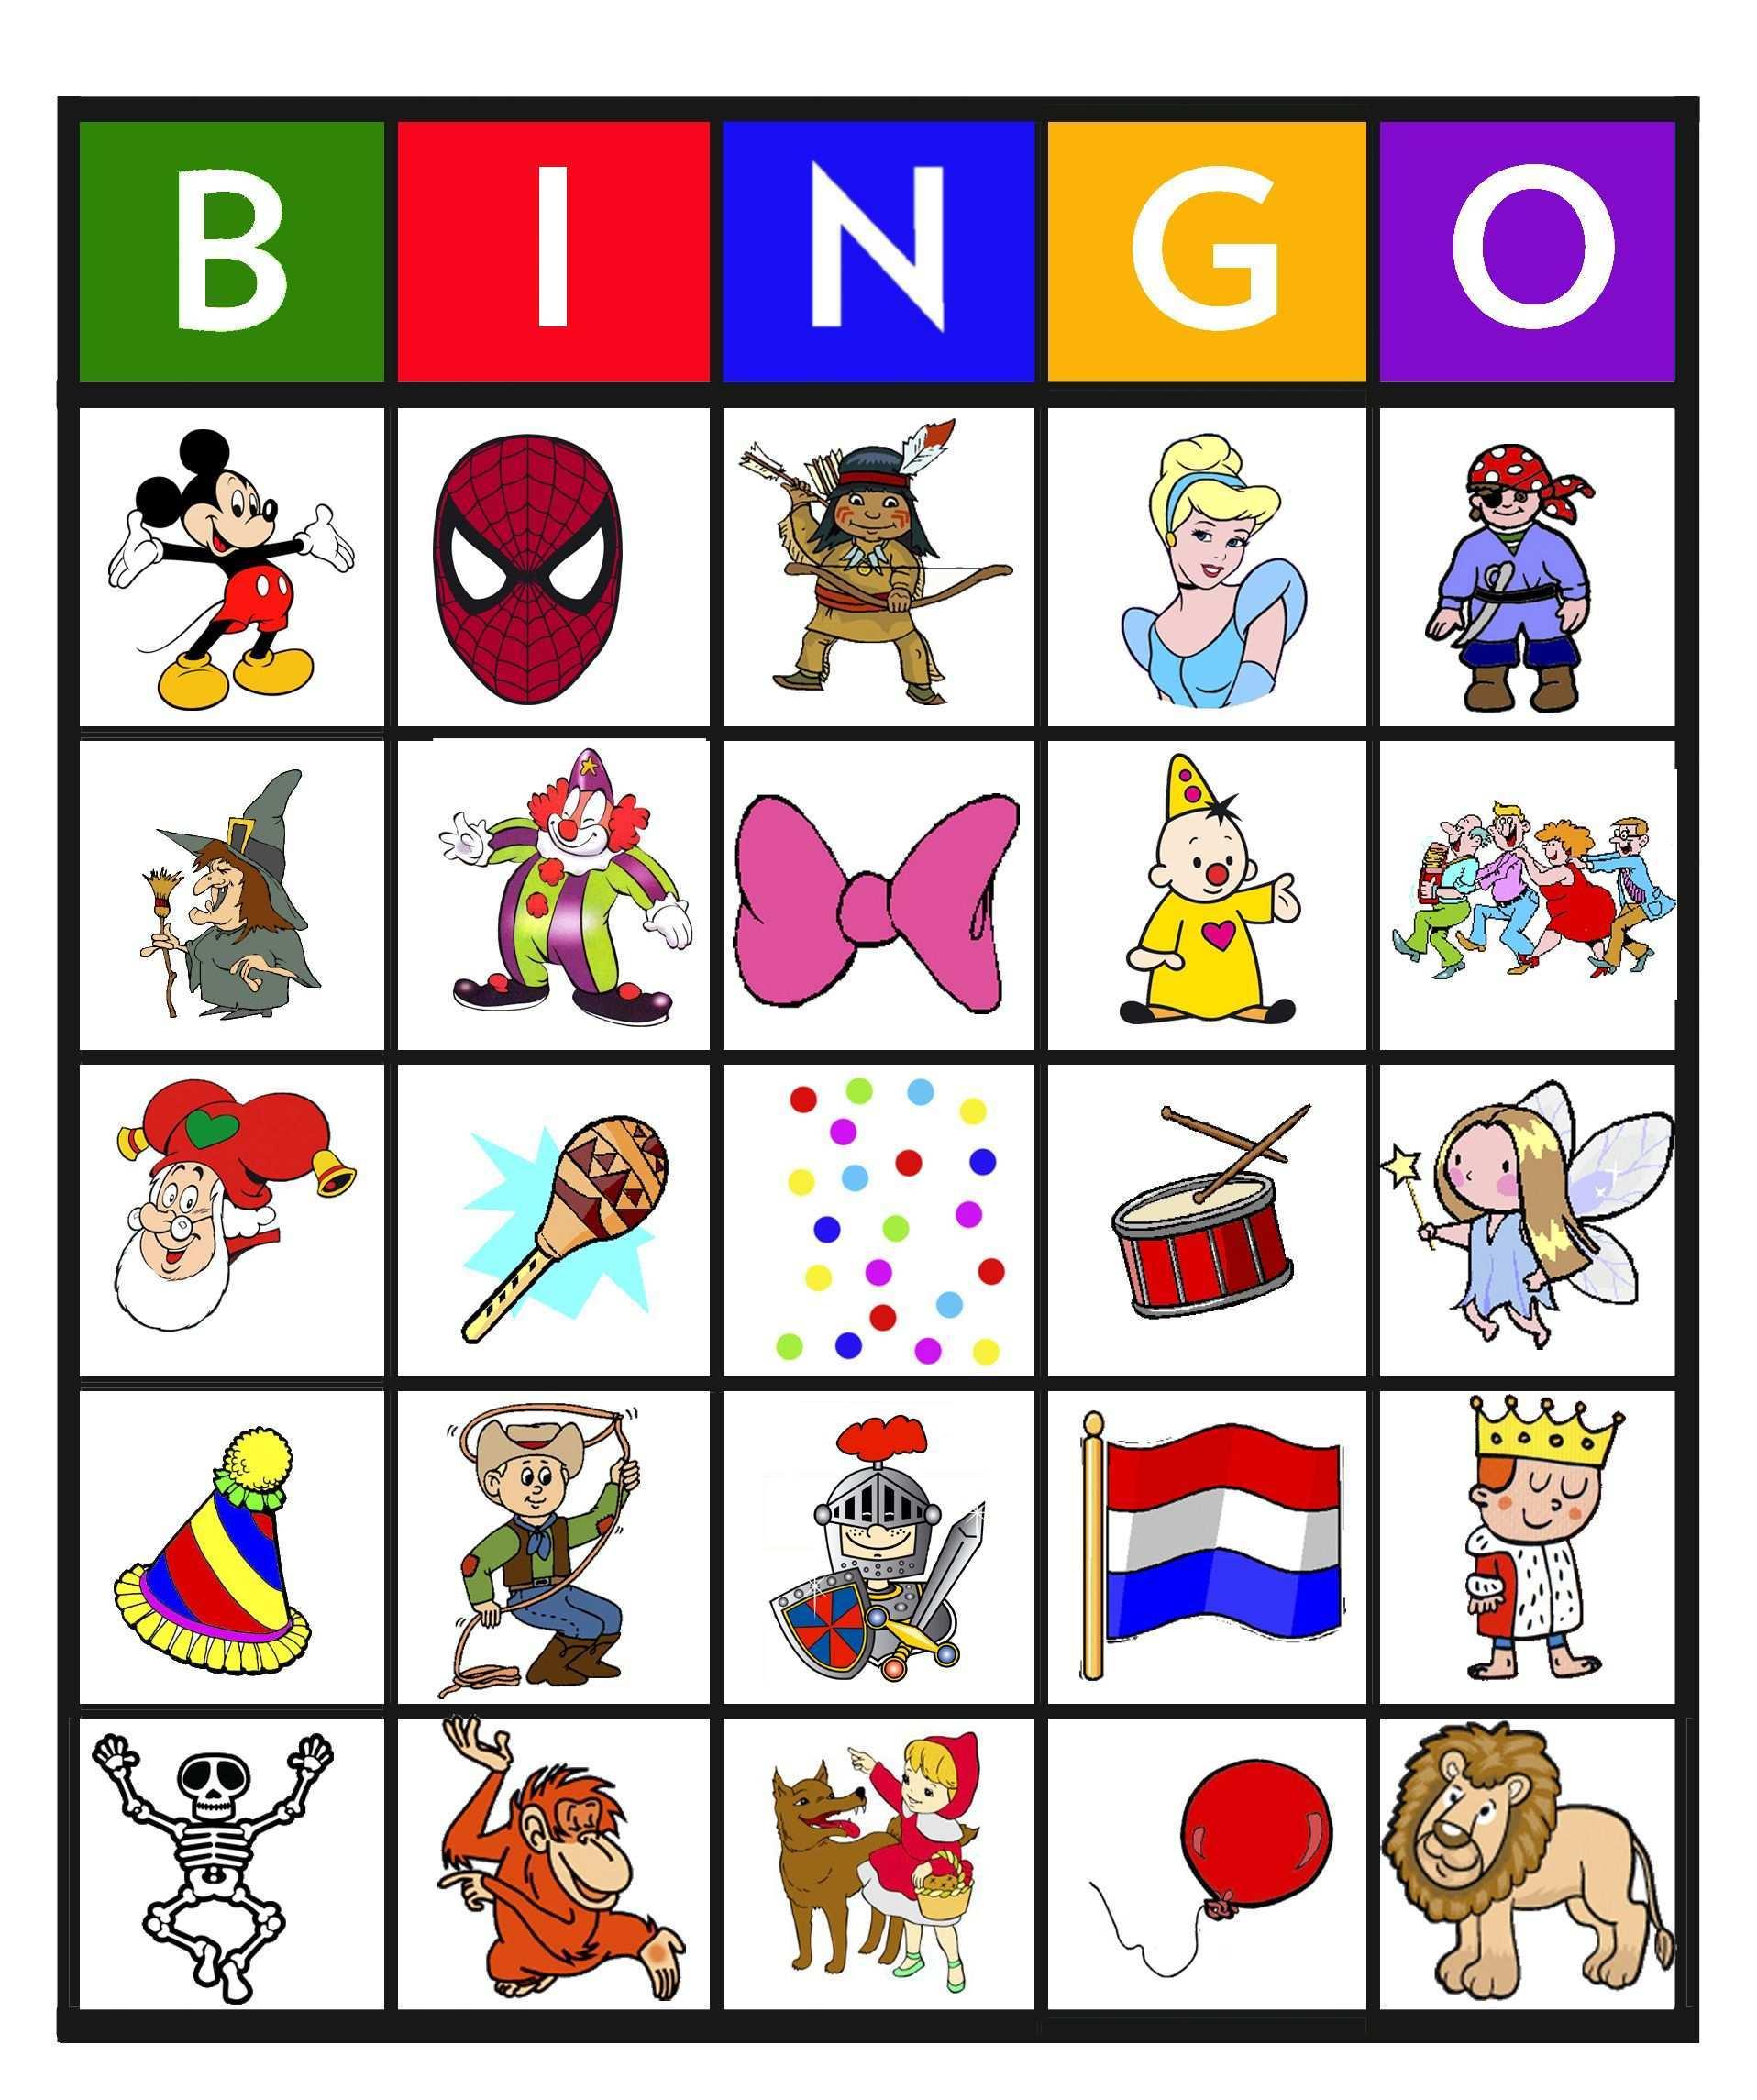 Bingo Carnaval 10 25 Carnaval Spelletjes Kinderen Carnaval Spelletjes Carnaval Activiteiten